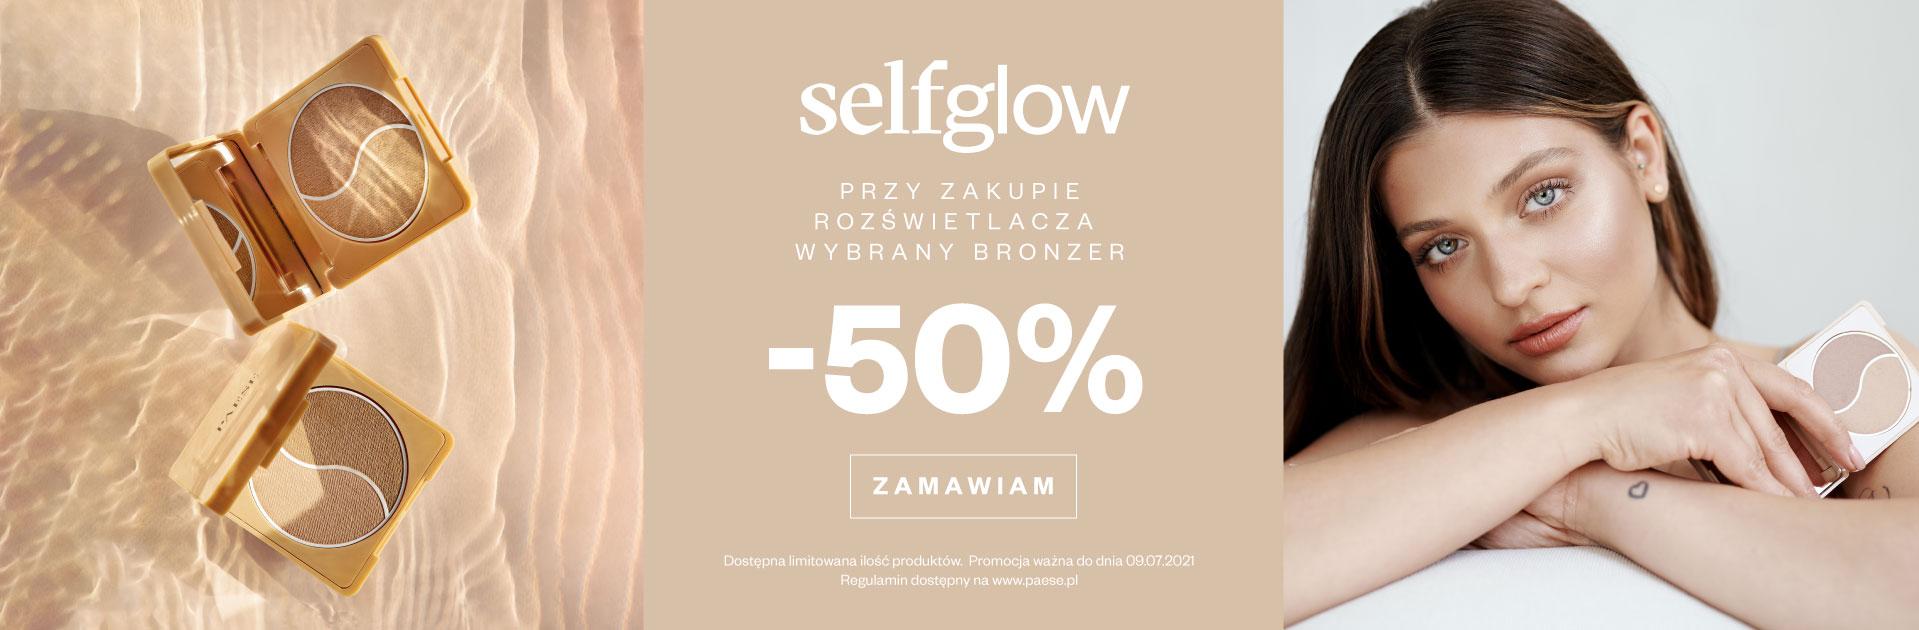 Paese: 50% rabatu na wybrany bronzer przy zakupie rozświetlacza selfglow